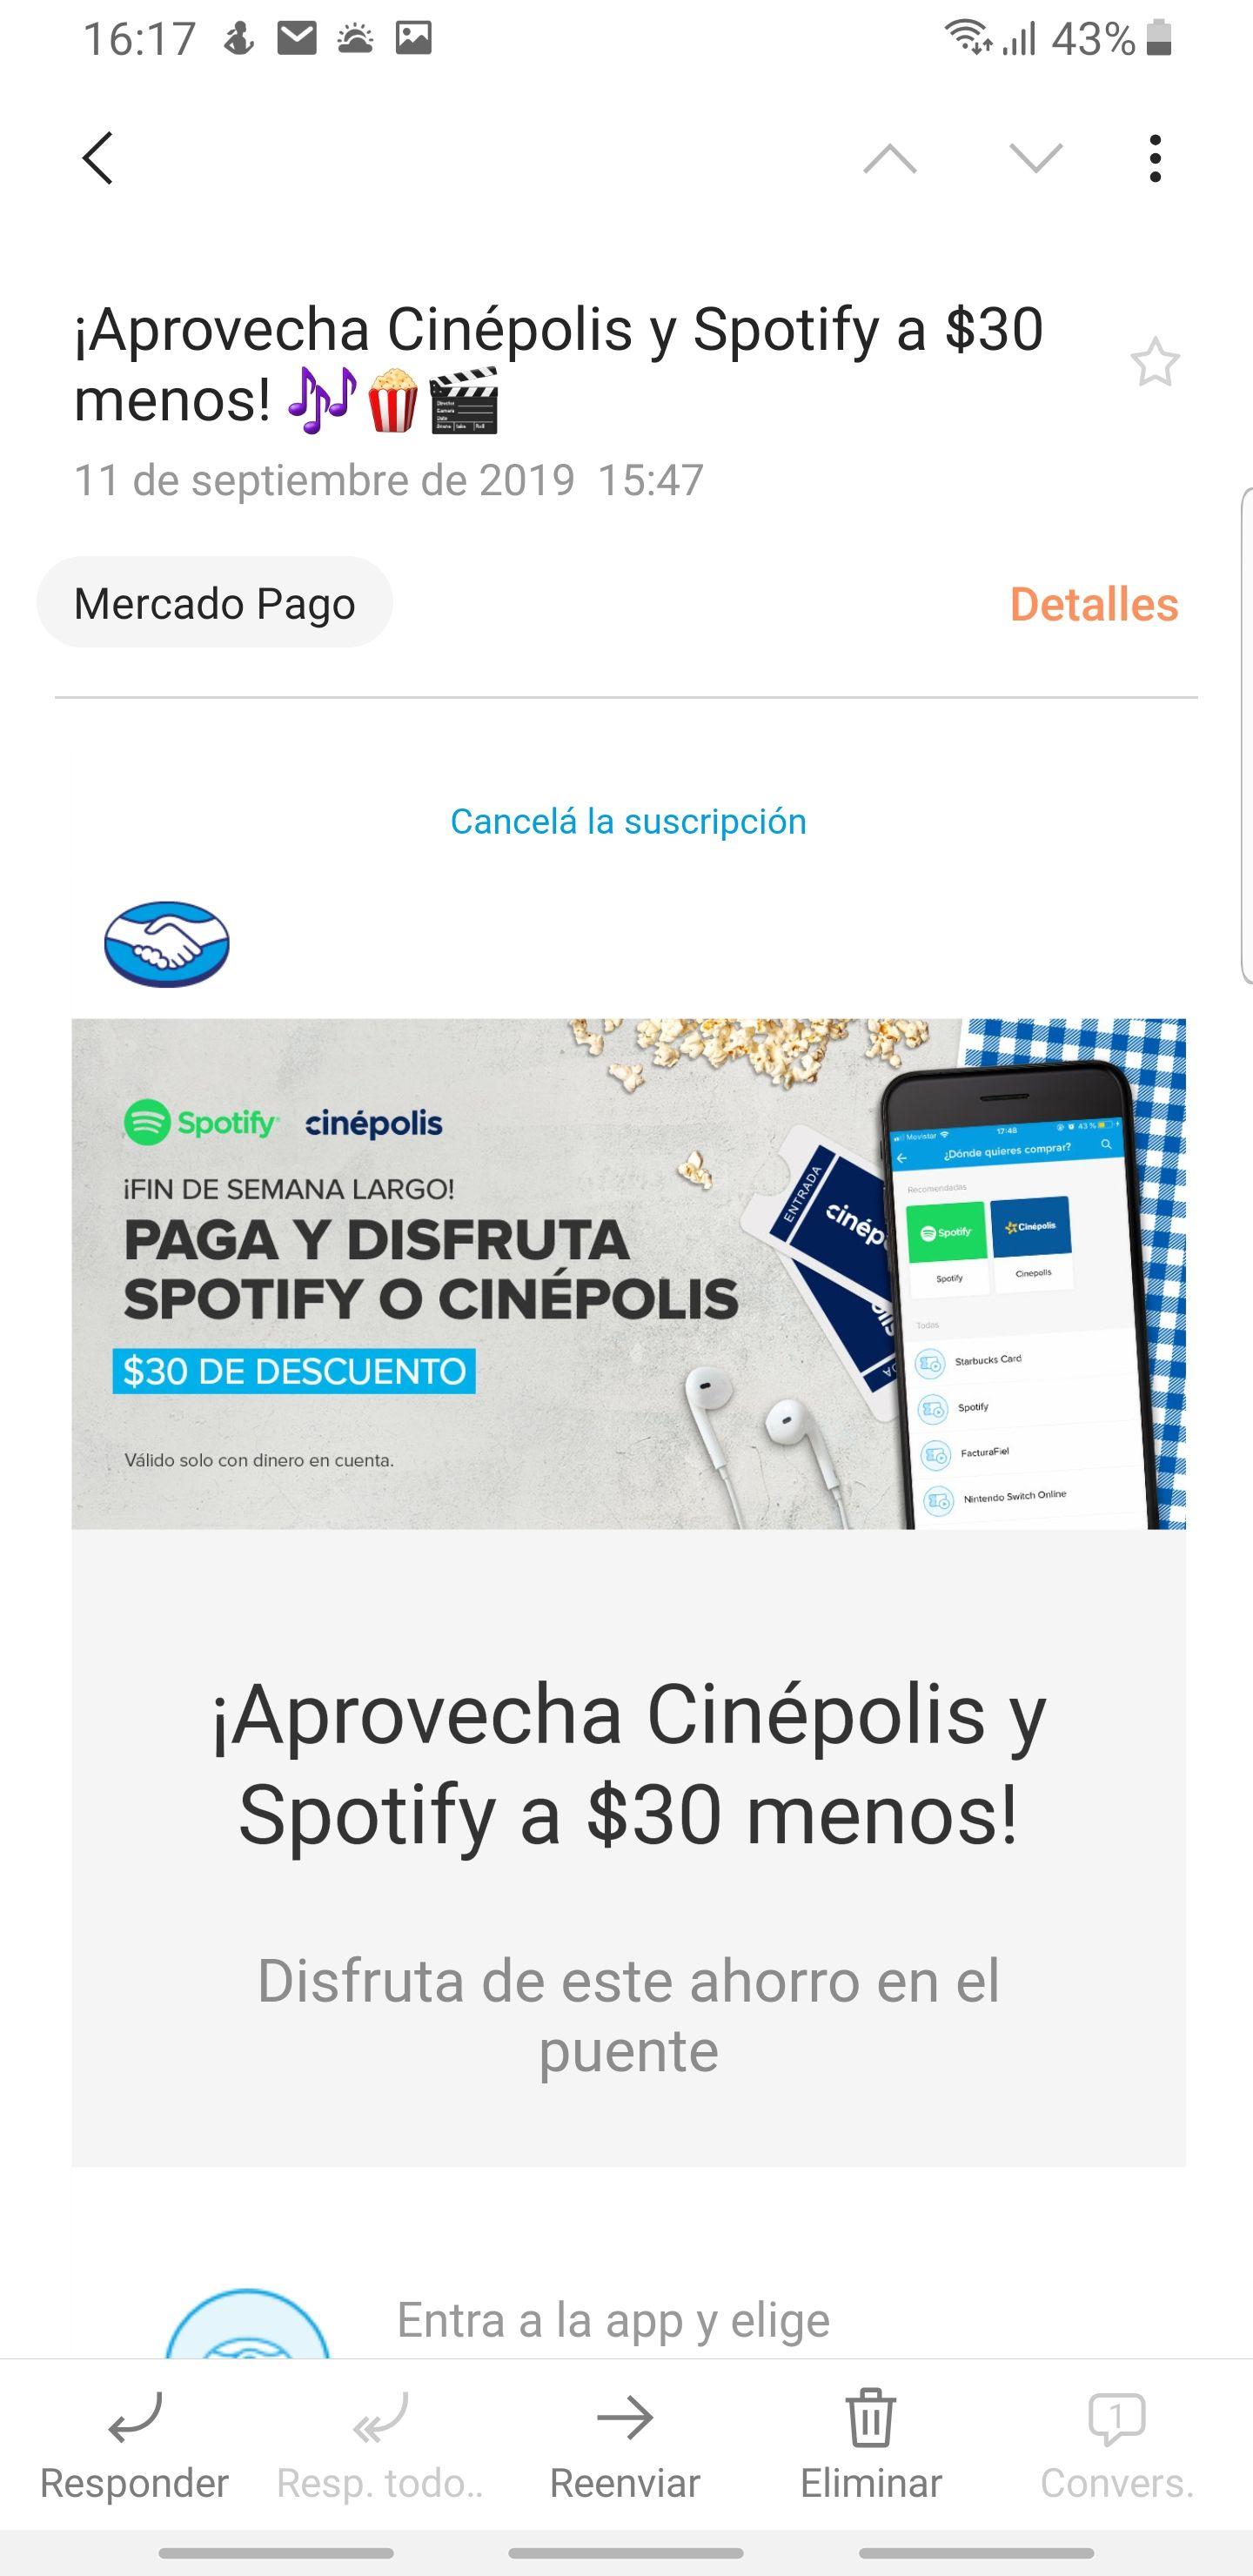 Mercado pago $30 de descuento en cinepolis y Spotify (usuarios seleccionados)